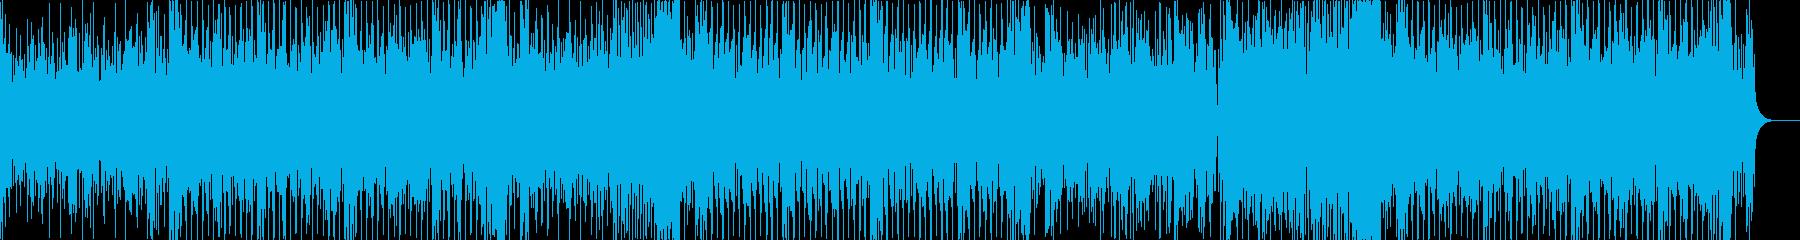 ディスコな感じのエレクトロハウスの再生済みの波形